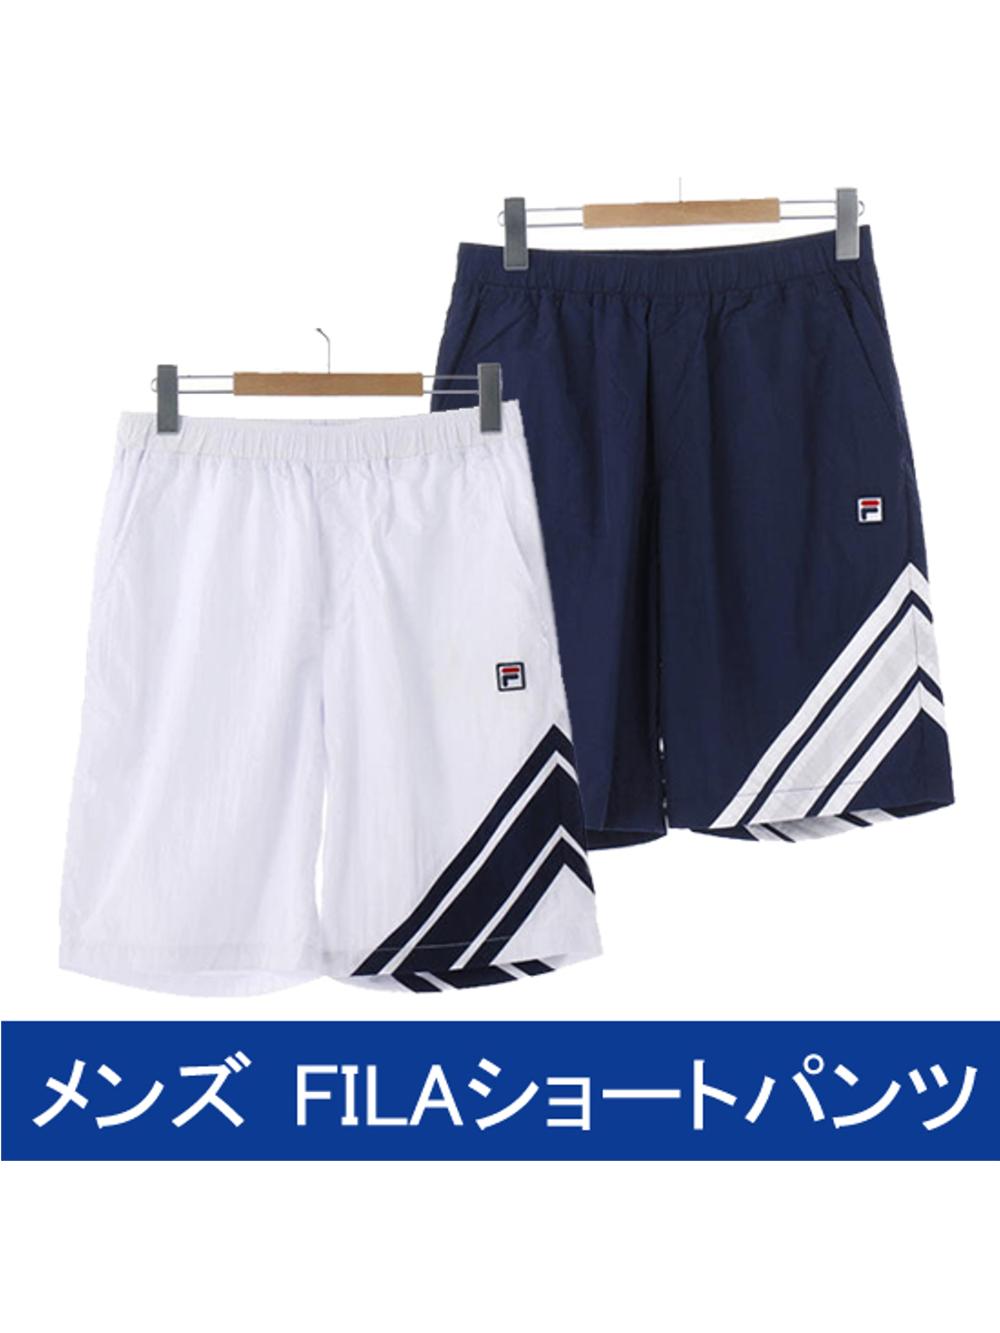 【20点セット】FILA×KOE メンズストライプショーツ